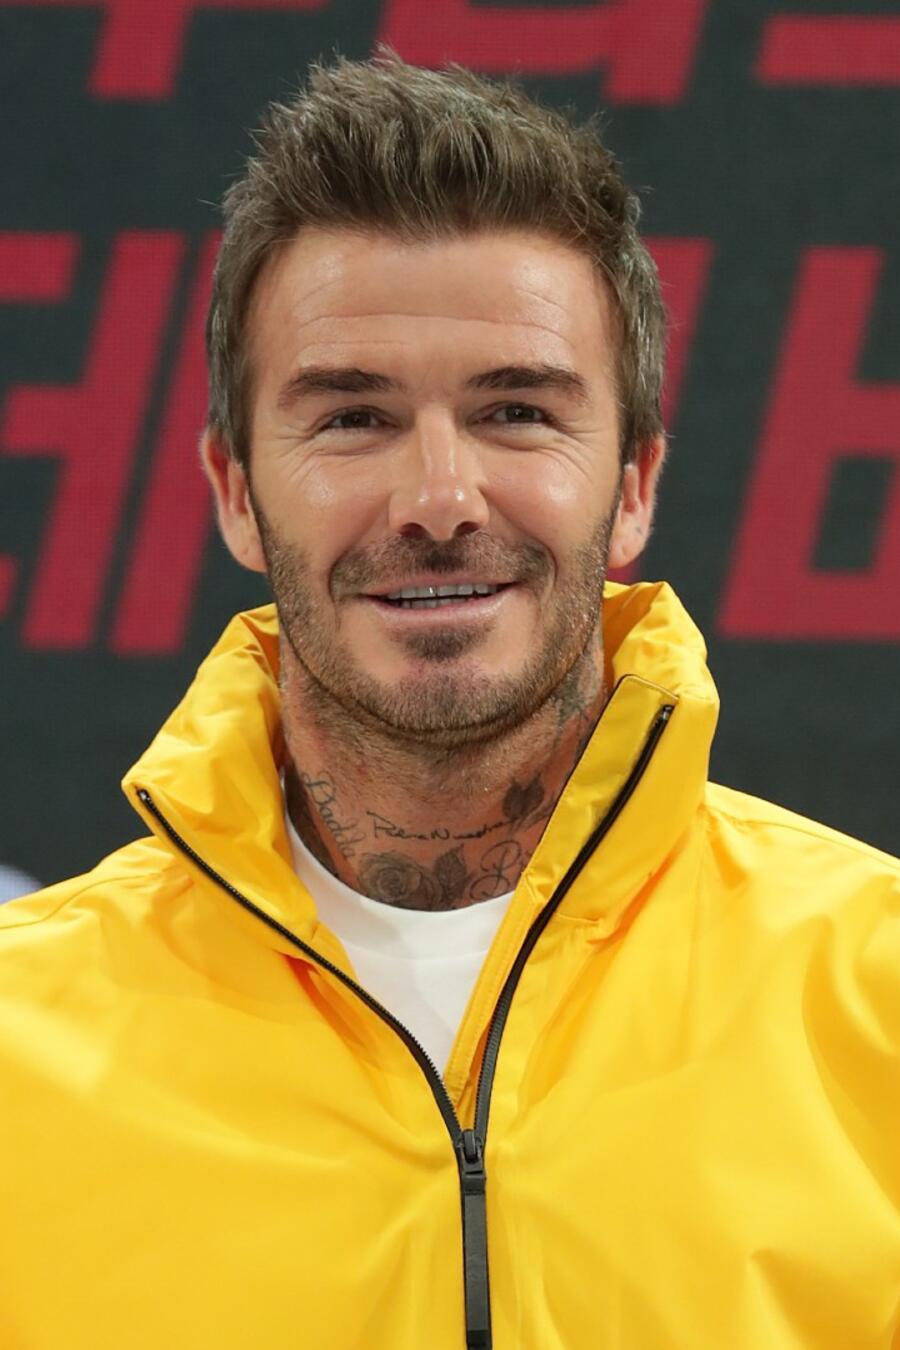 David Beckham en un evento de Adidas 2019